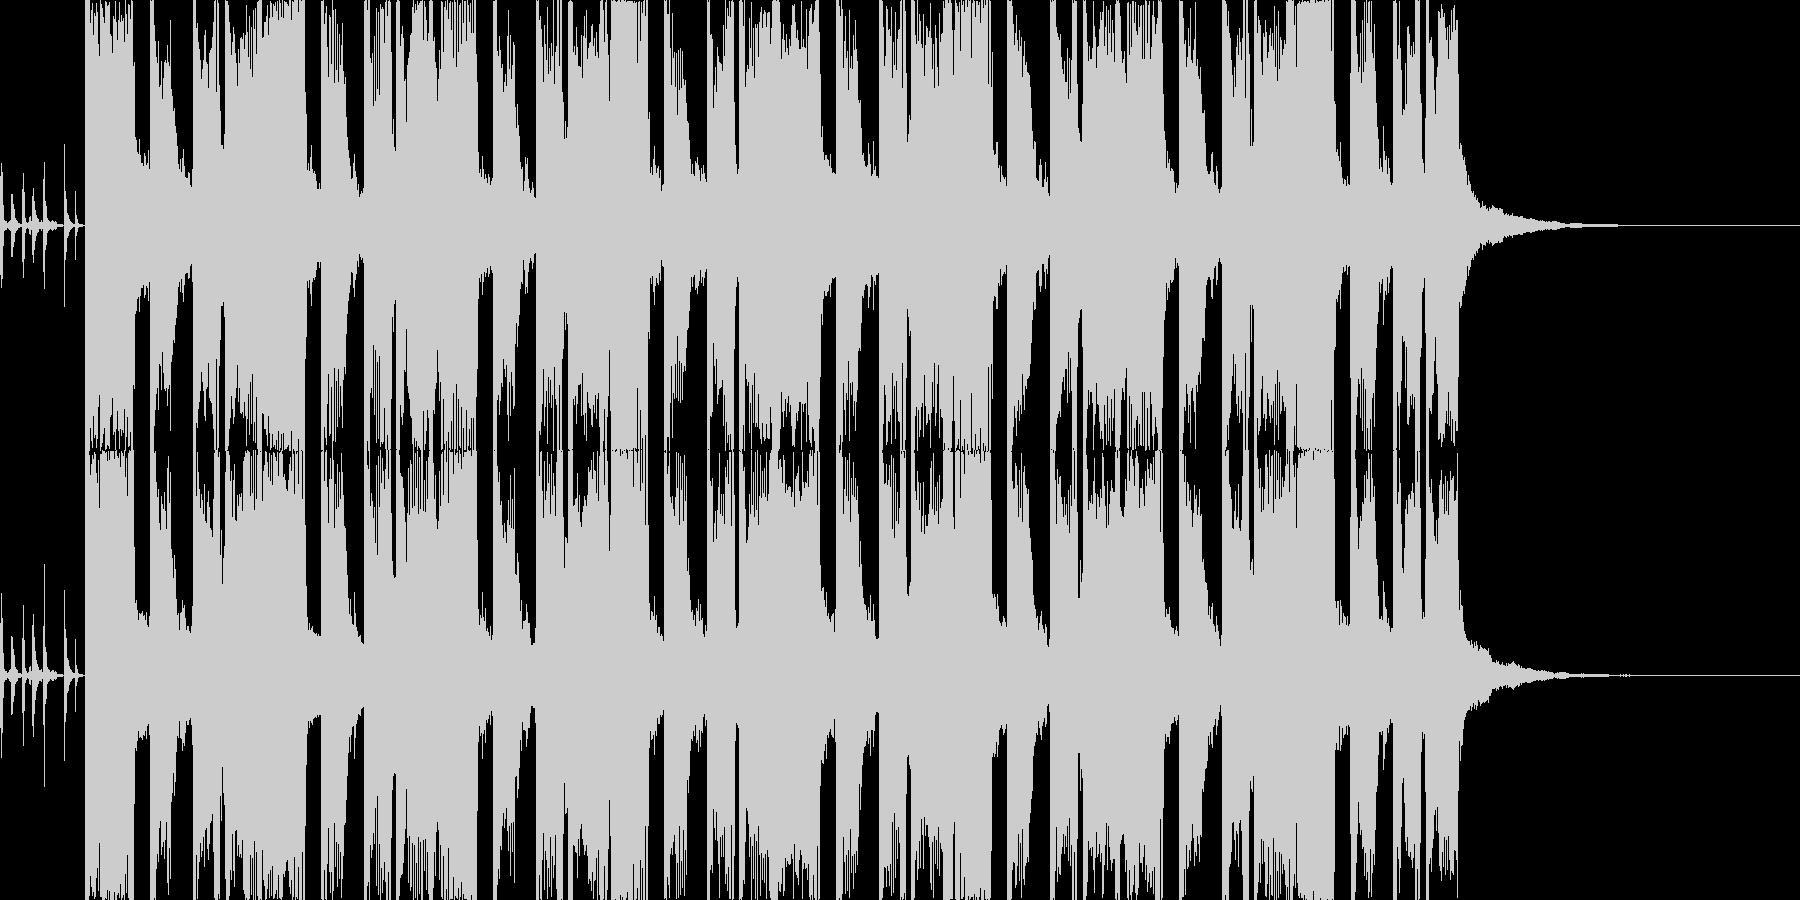 FuturePop、洋楽、ポップス、夏cの未再生の波形